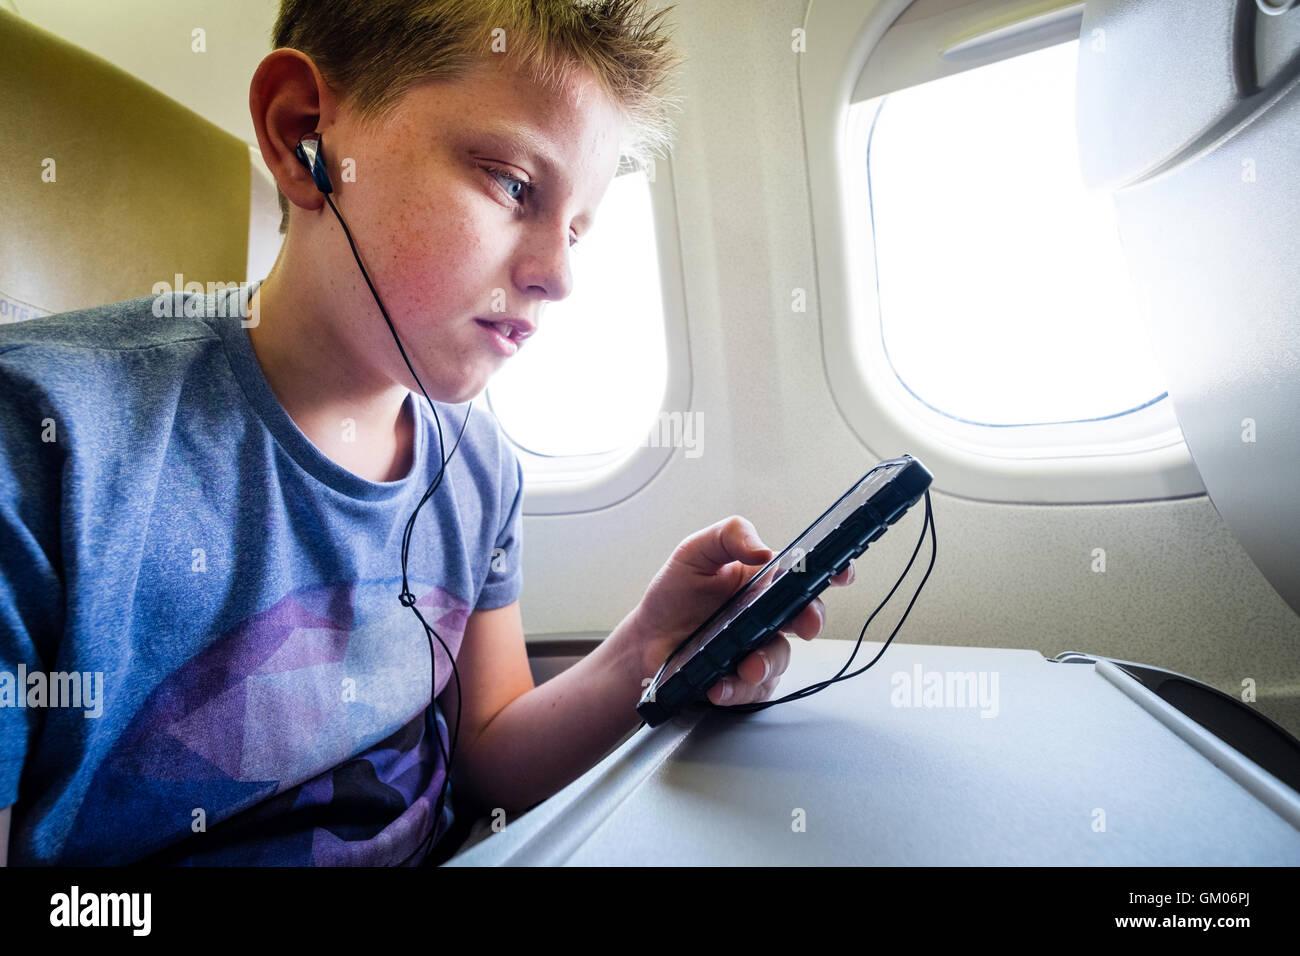 Un adolescent en utilisant son téléphone mobile pendant le vol dans un avion pour écouter de la musique Photo Stock